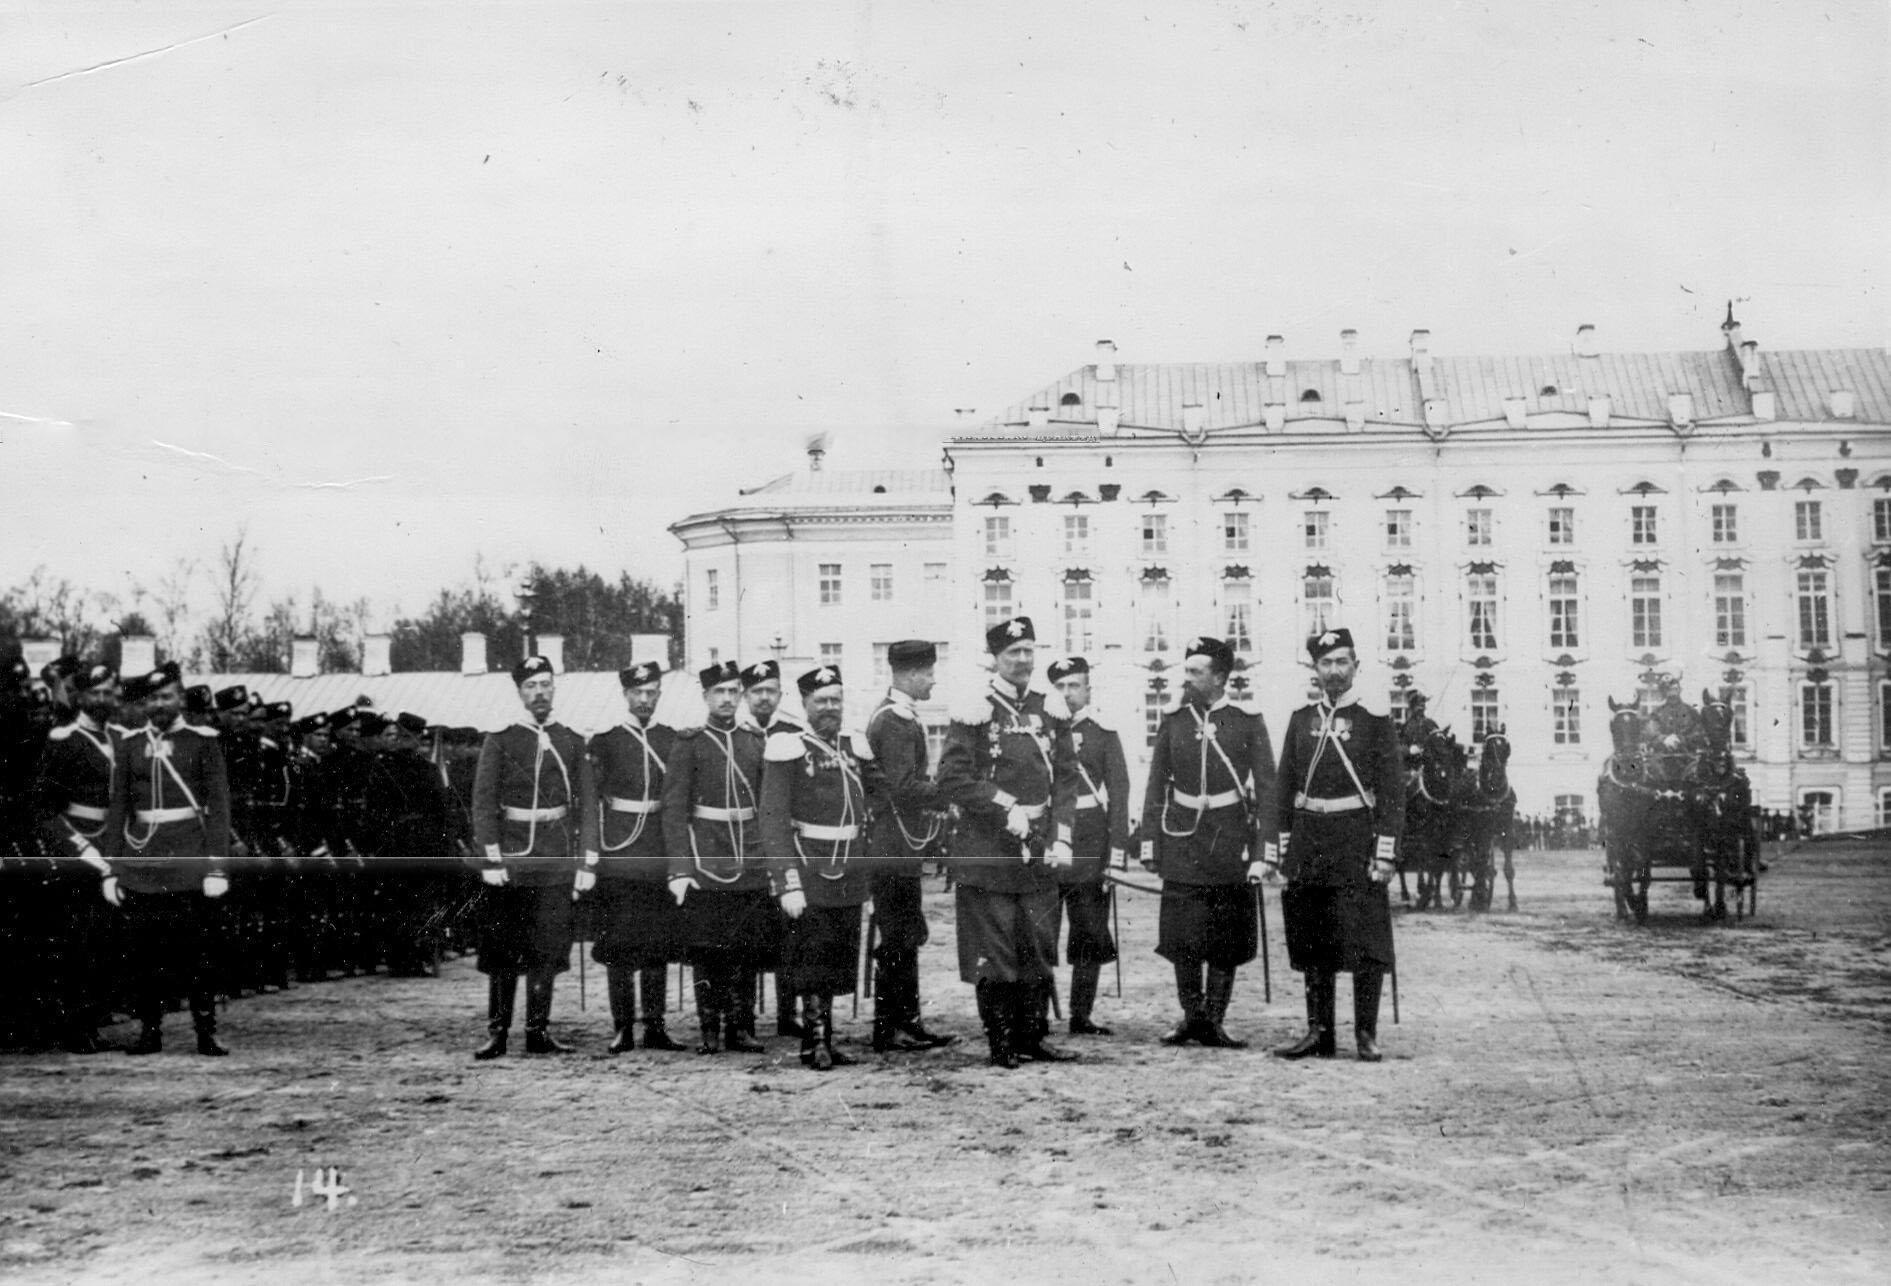 Группа офицеров лейб-гвардии стрелковой бригады на плацу перед началом парада